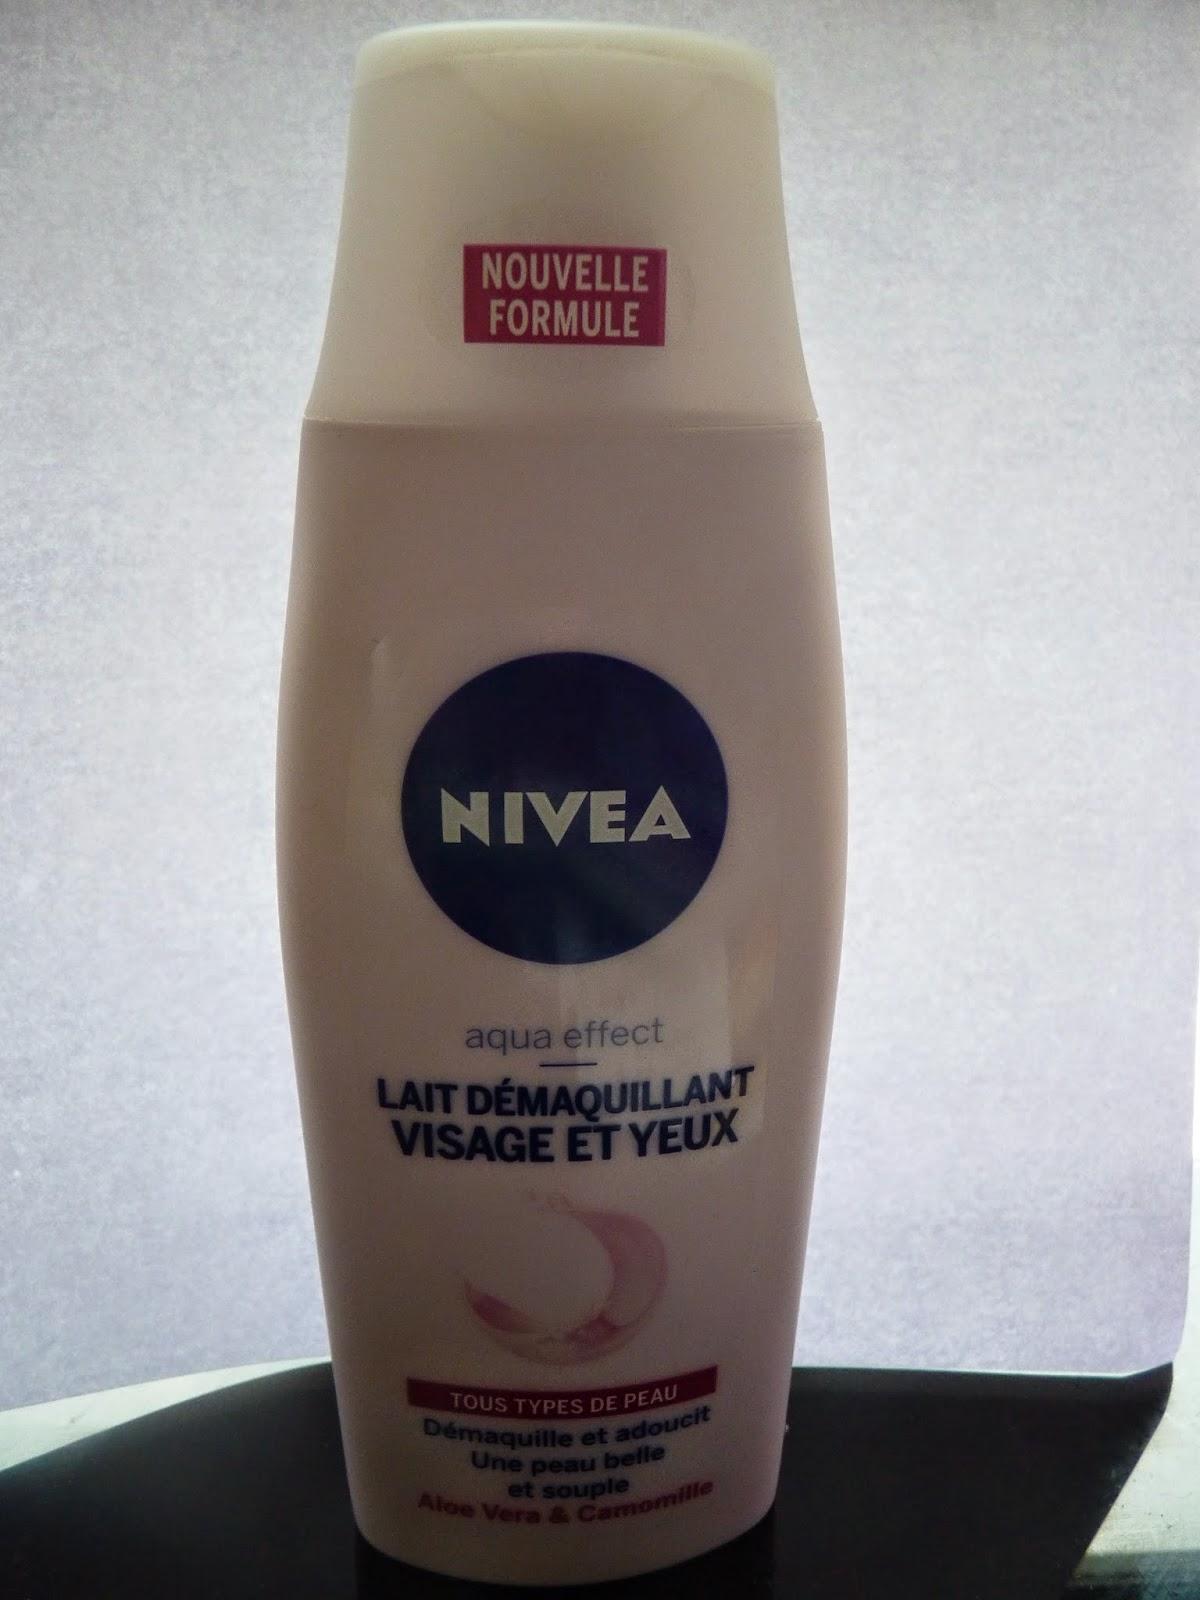 démaquillant nivéa, lait démaquillant, visage et yeux, 200ml, 2€